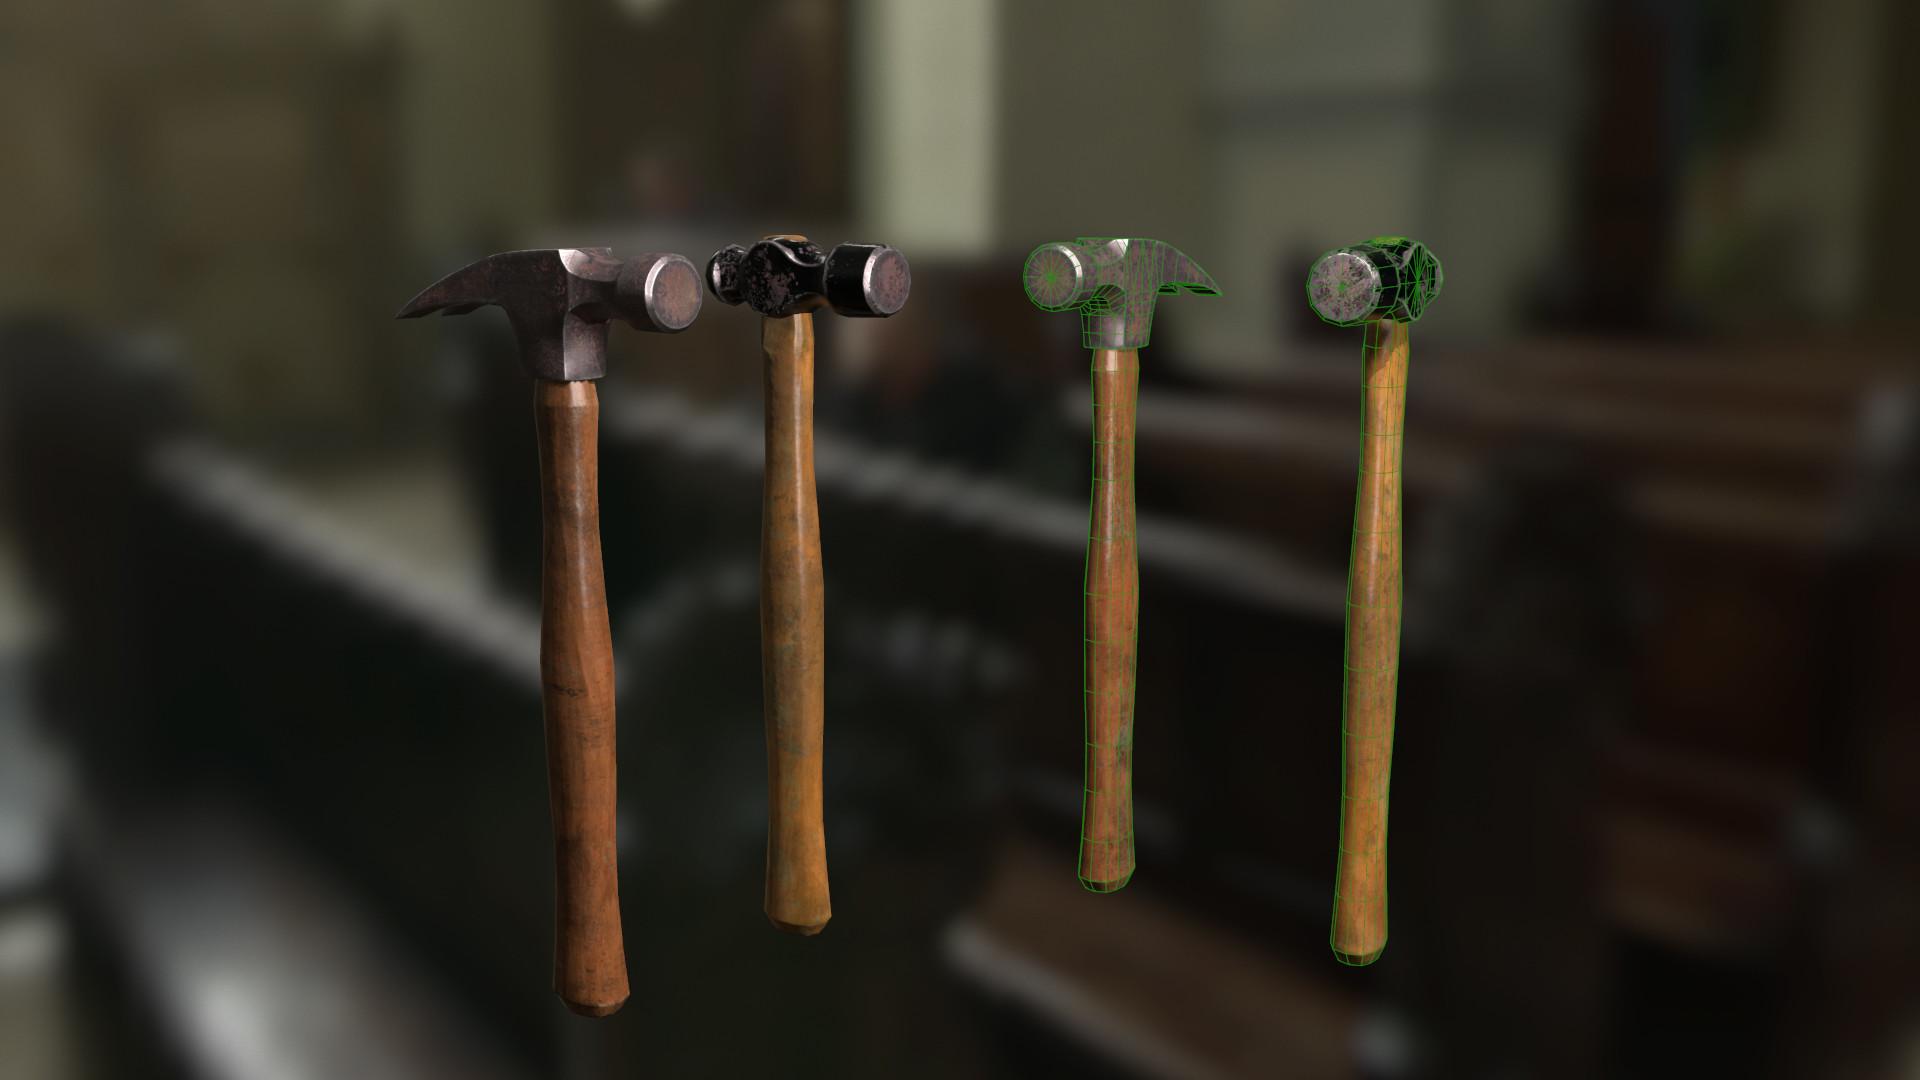 Brendan boyd 02 hammers